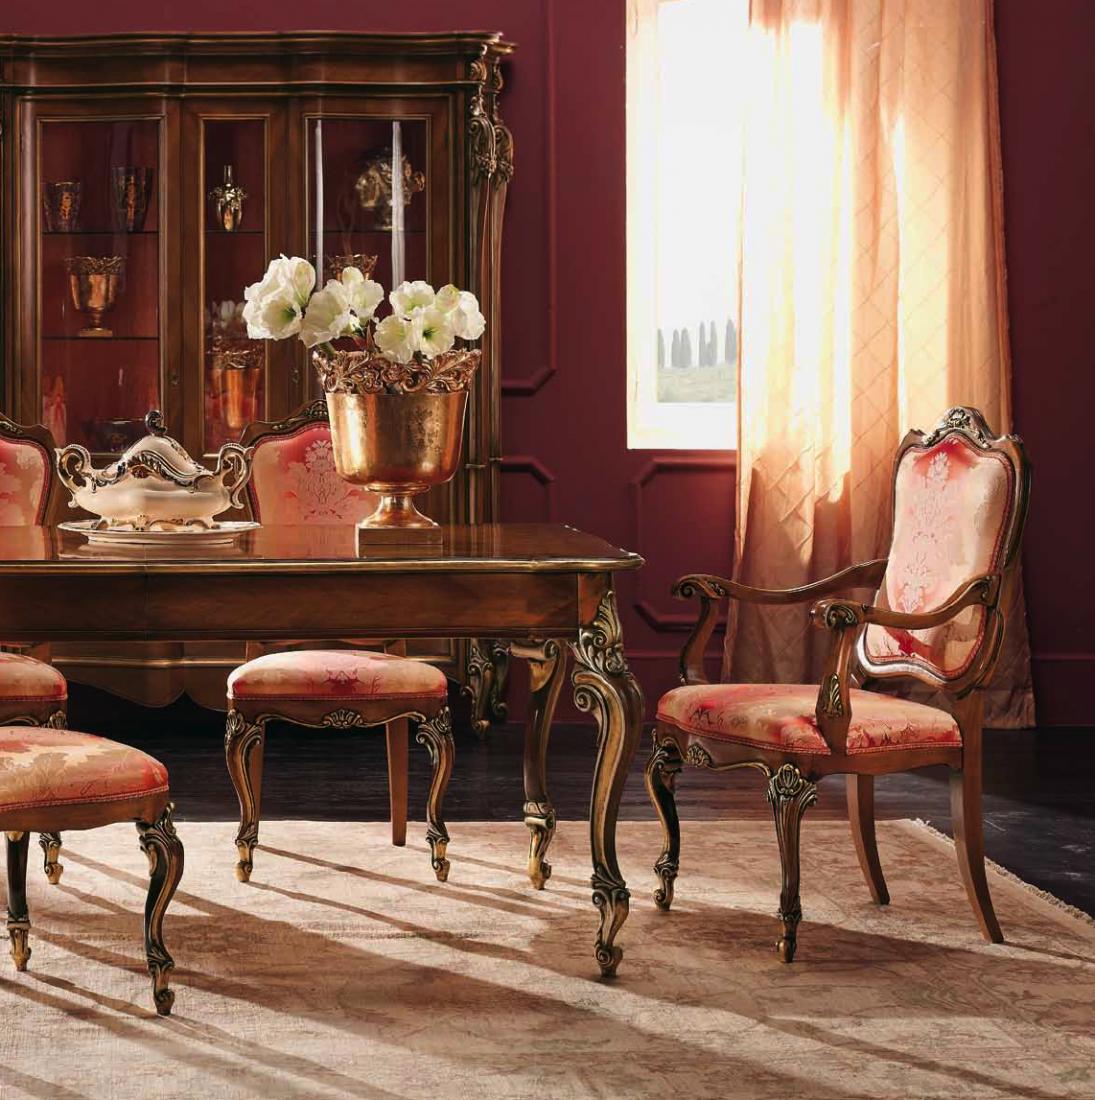 Capotavola mobili in stile linea intagliata barocco - Mobili in stile barocco ...